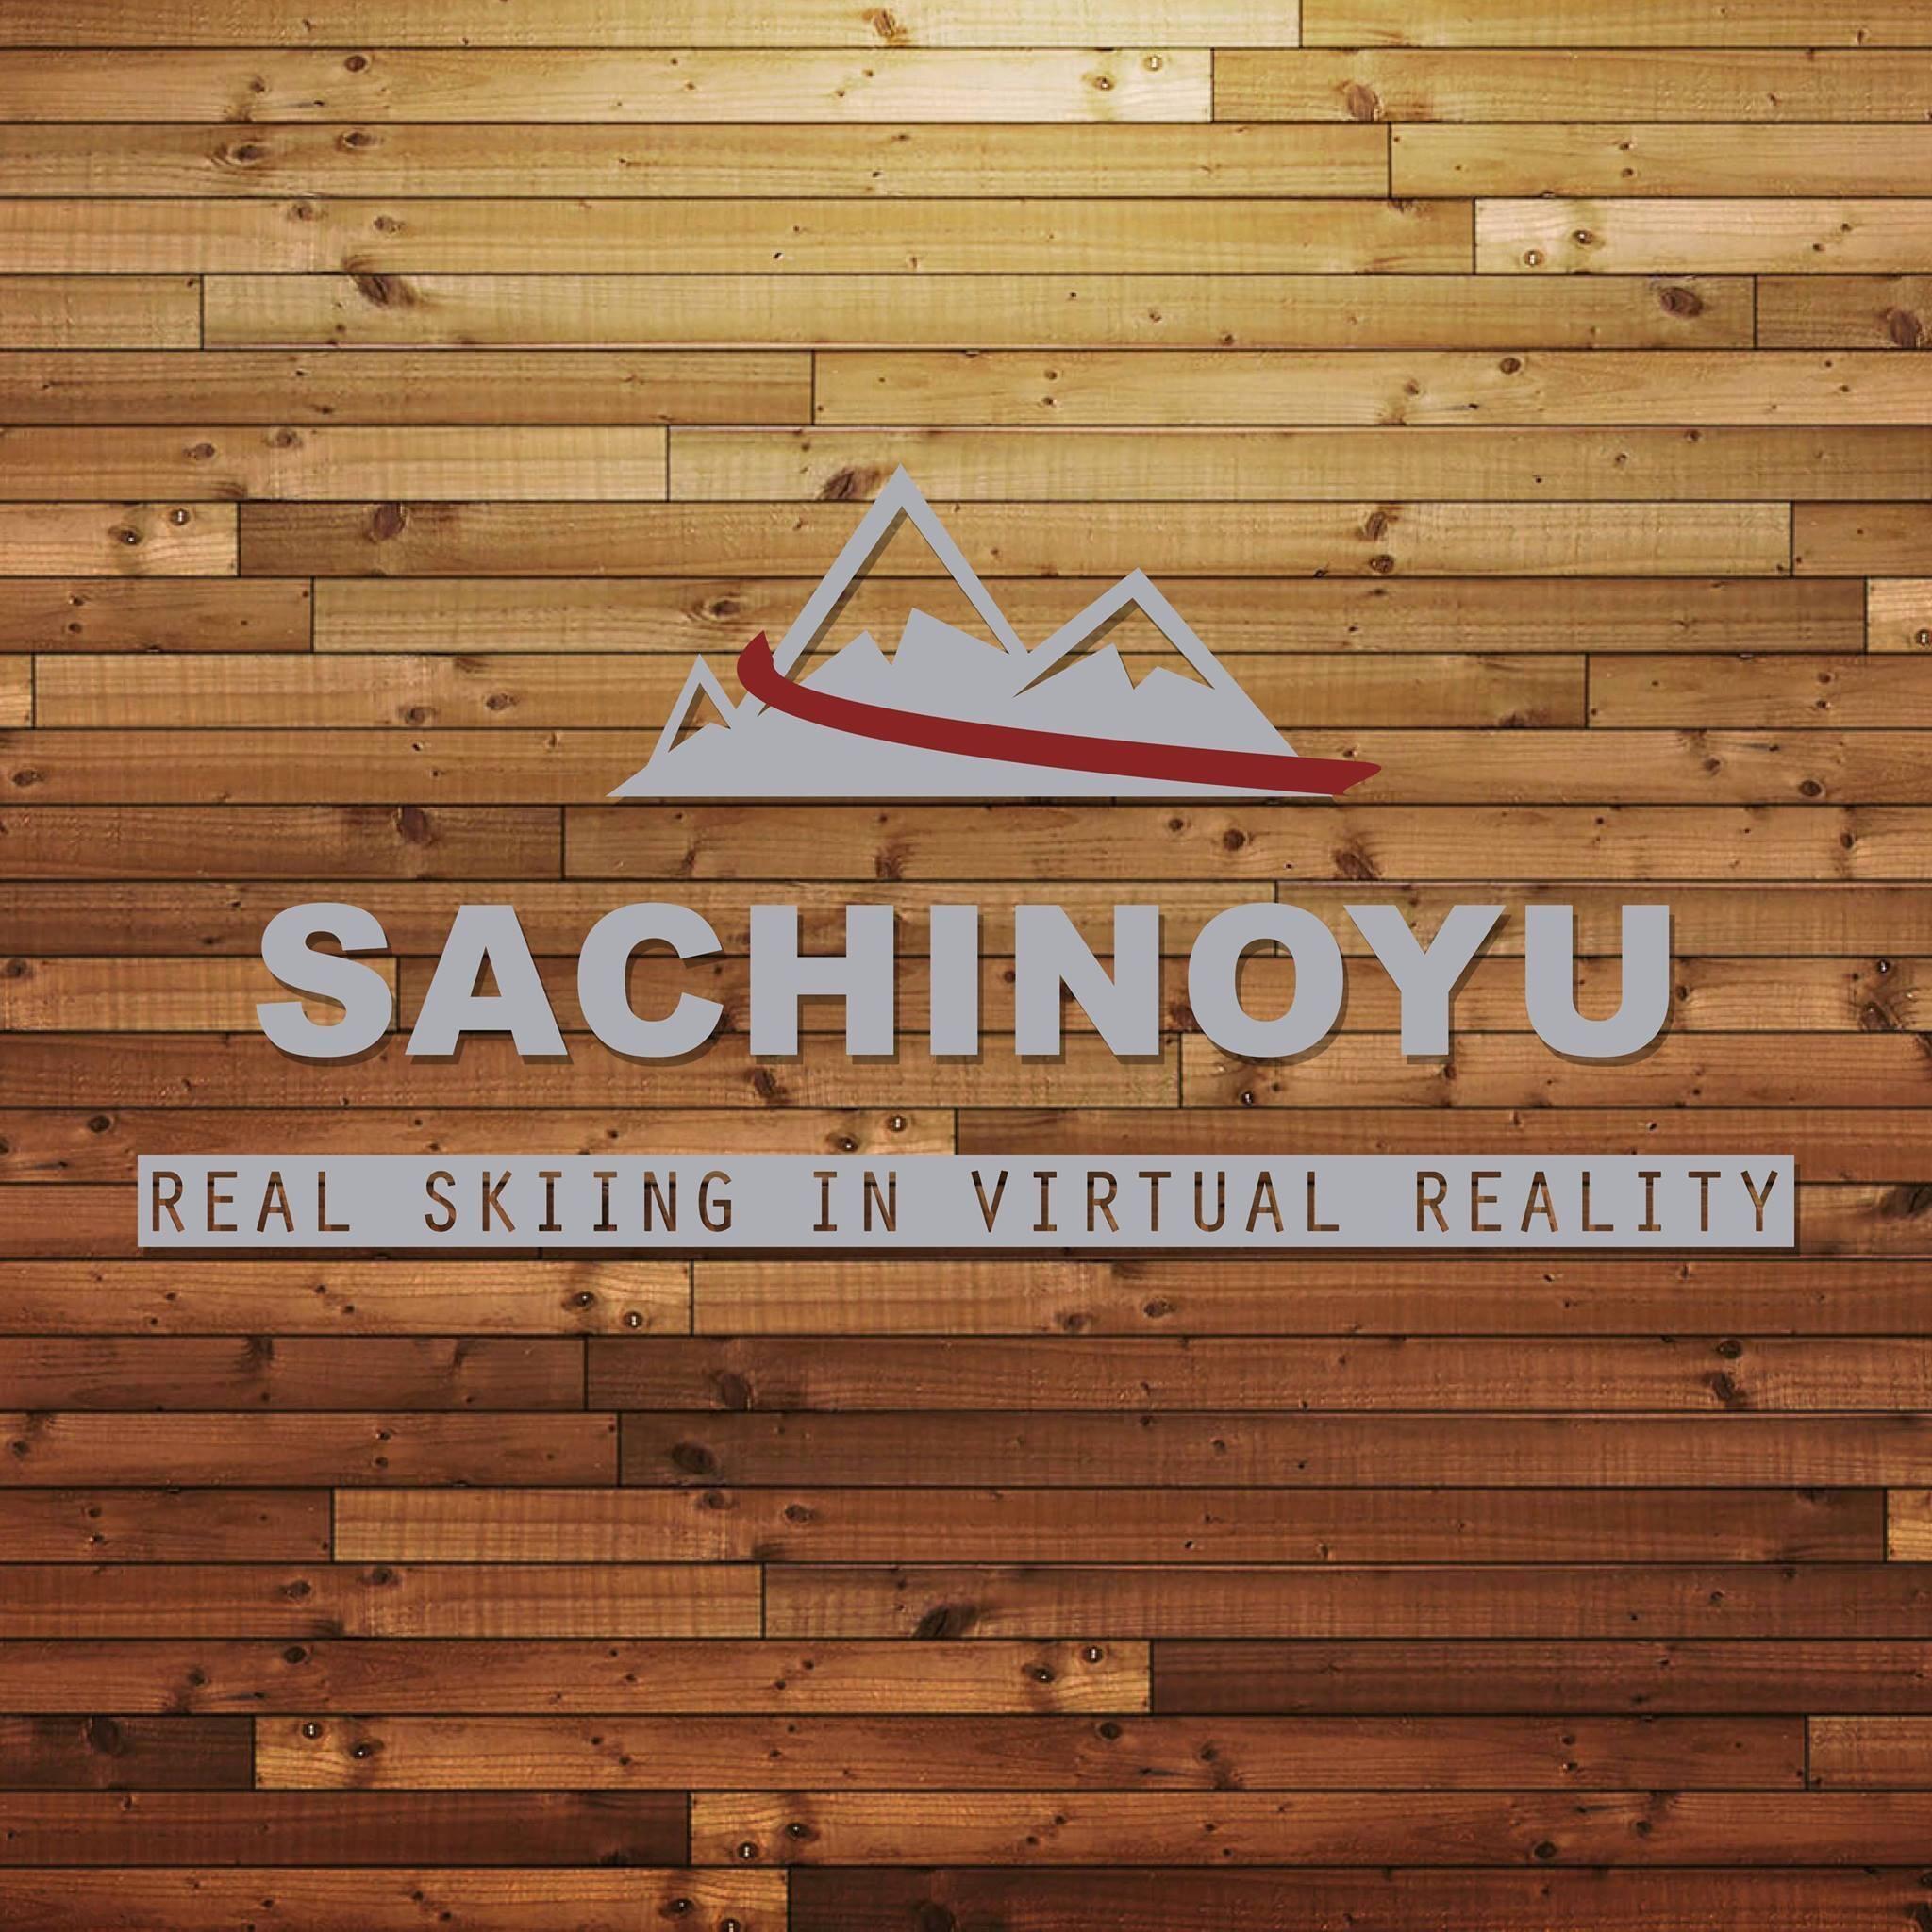 Sky TechSports Ski & Snowboard Simulator - テクニカ、ノルディカ、レクザム、アヴィリーバ 4社のスキーブーツの試履ができます。夏の間にライバルに差をつけたい方が、遠方からこっそり練習に来られています。下記のFacebook/Instagramから最新の情報をご確認ください。